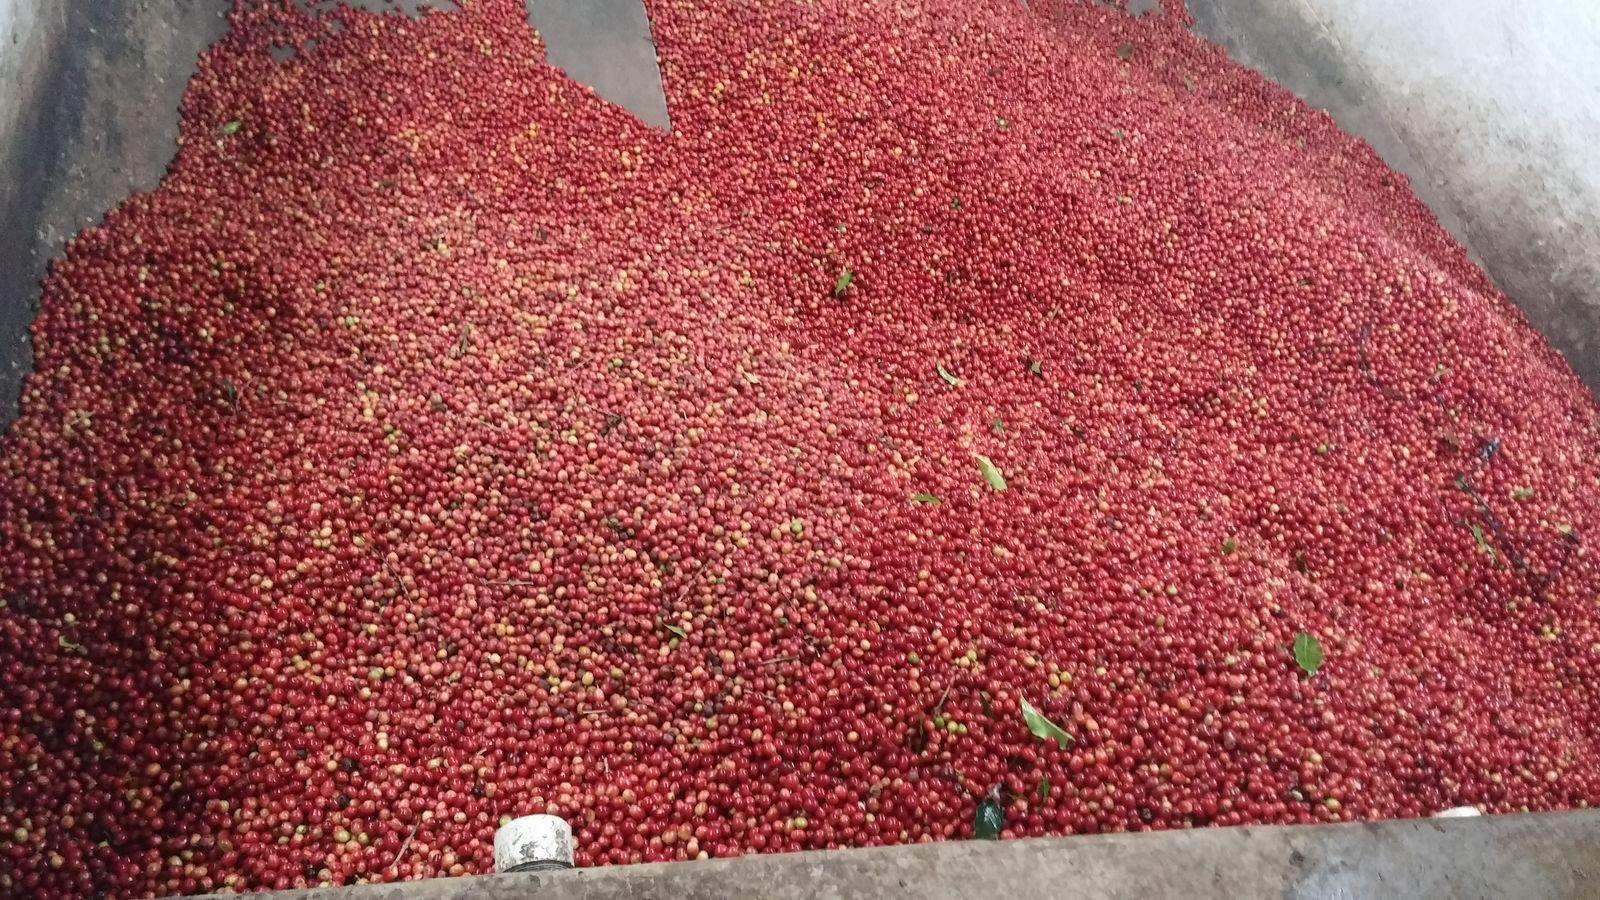 치코흐 커피농장에서 수확한 커피 열매.